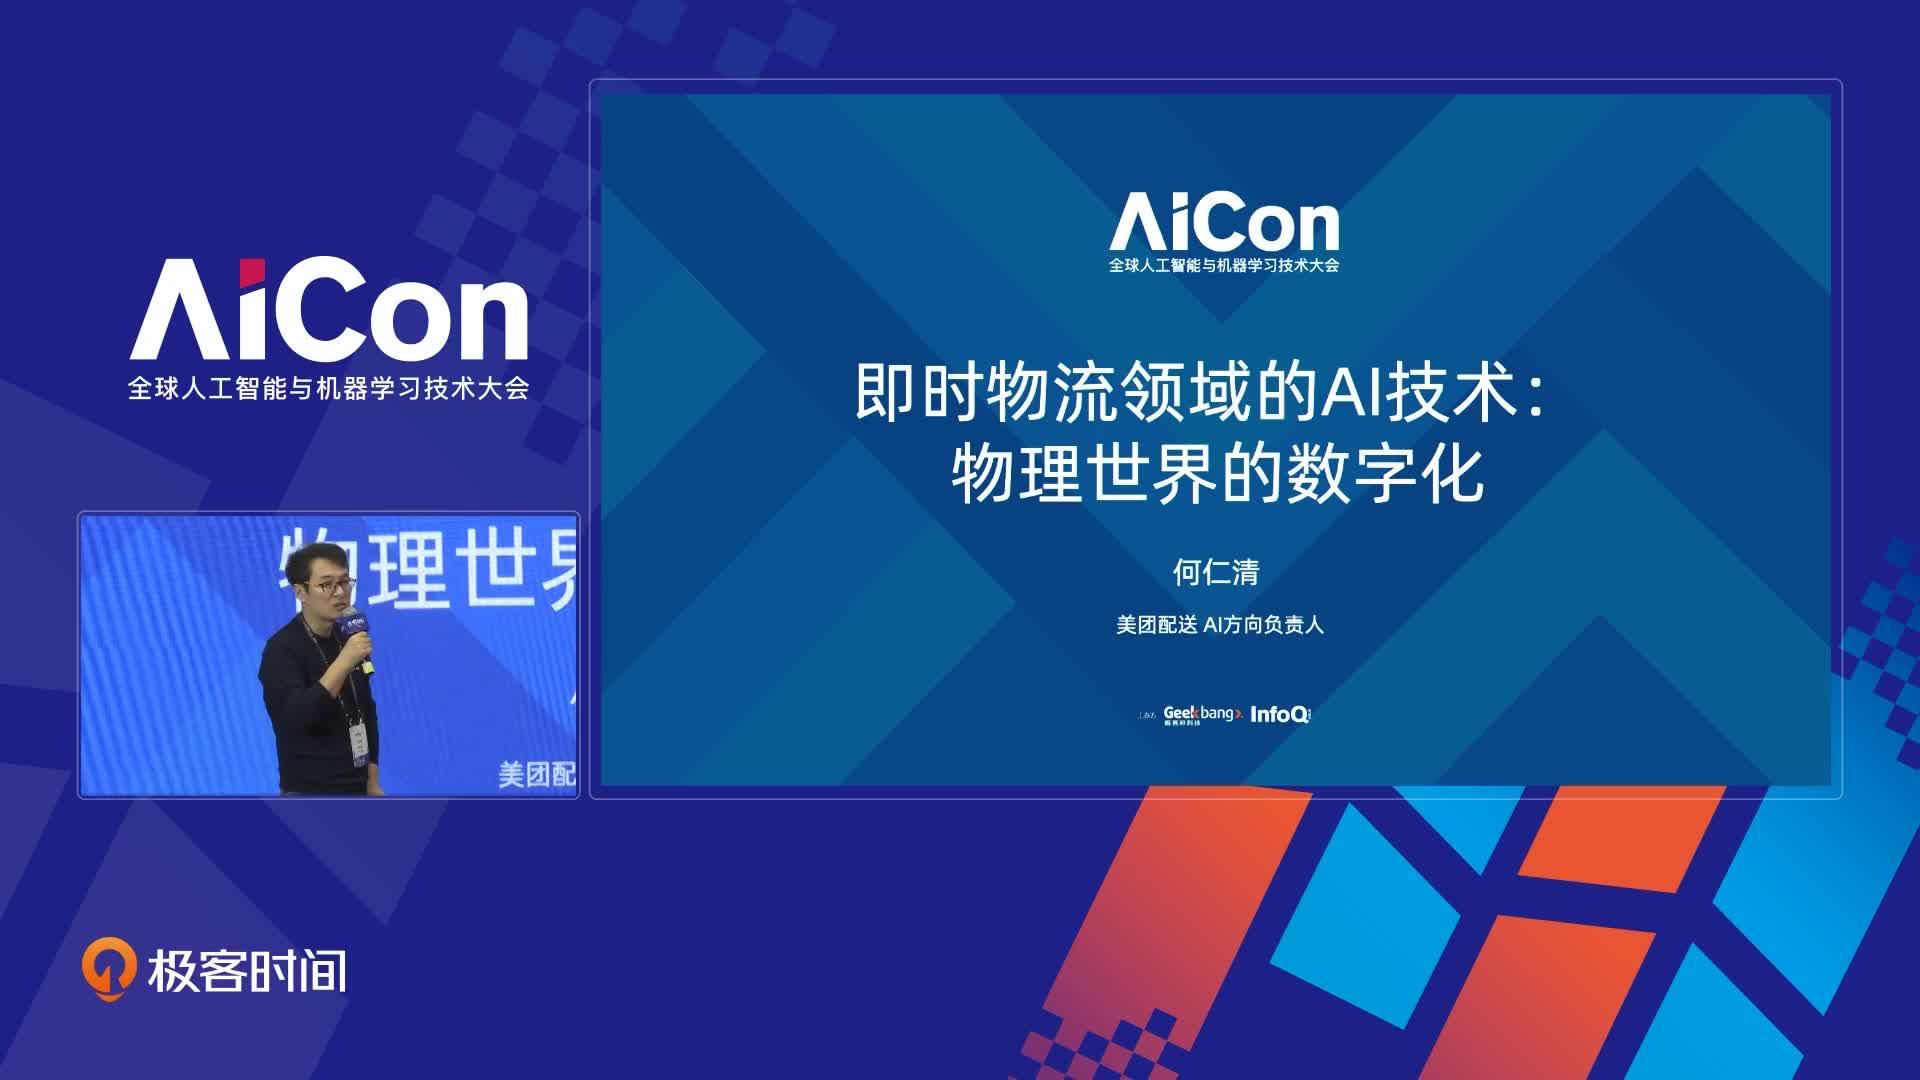 即时物流领域的AI技术:物理世界的数字化和智能化|AICon